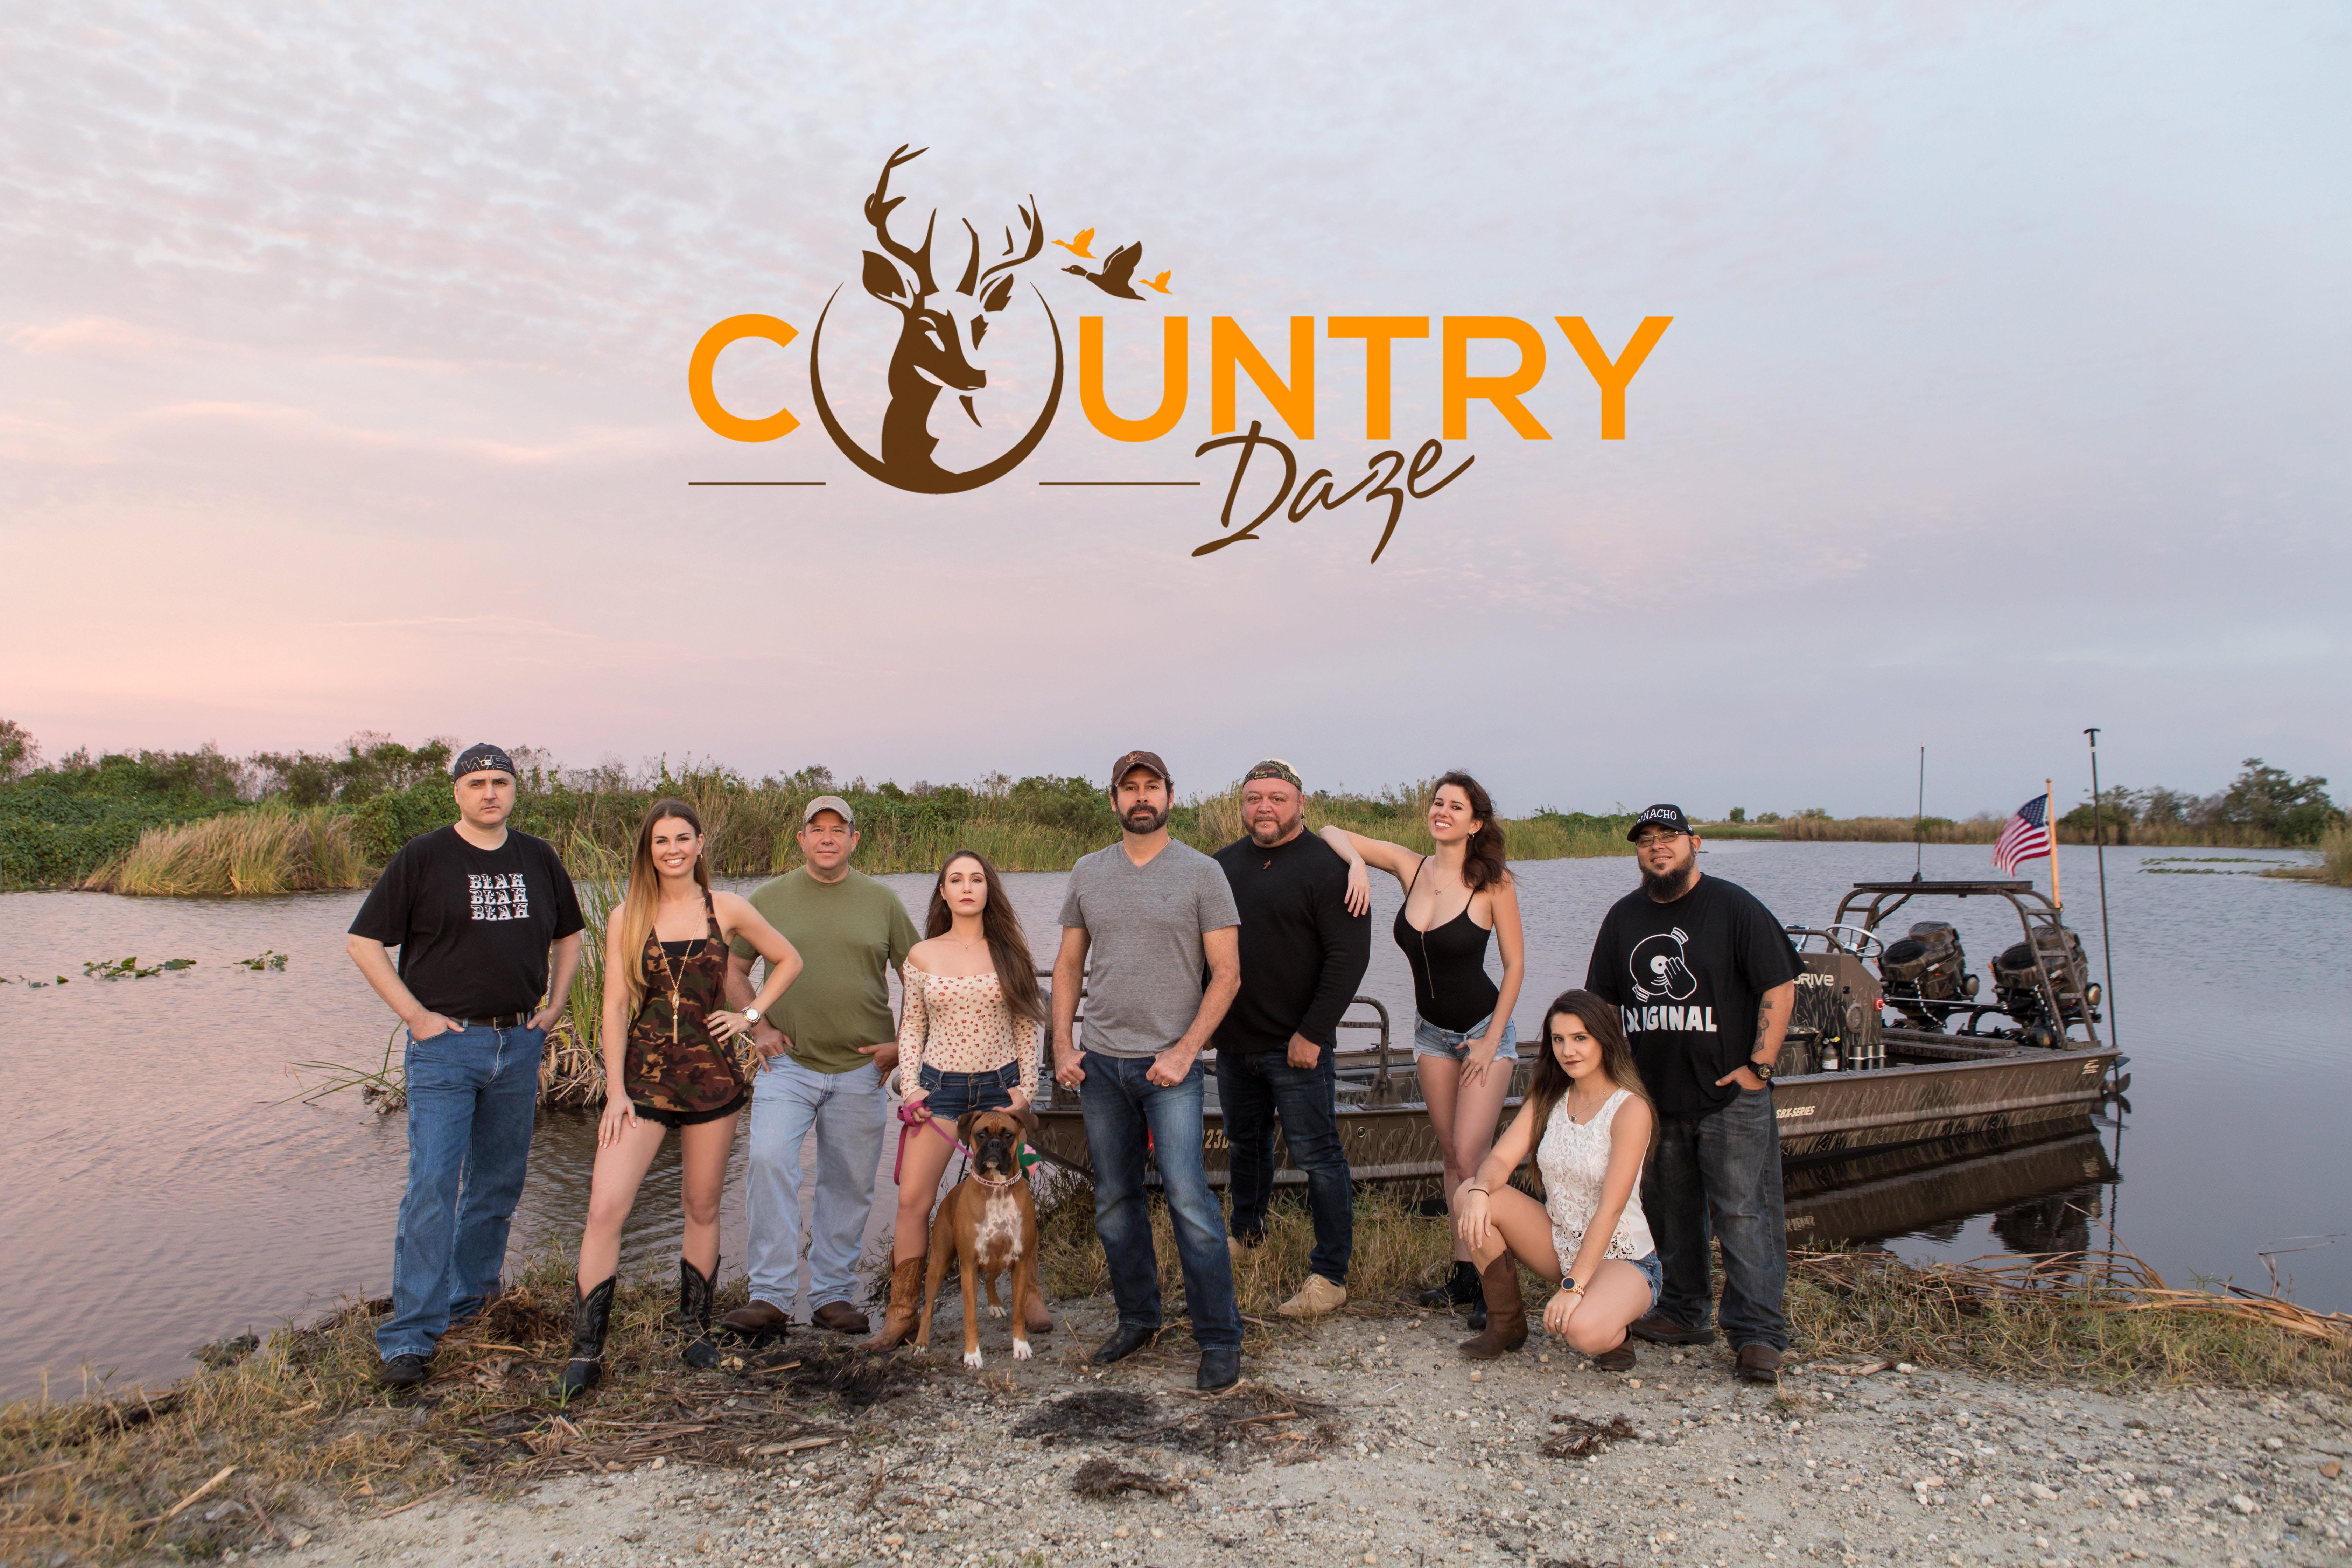 Country Daze